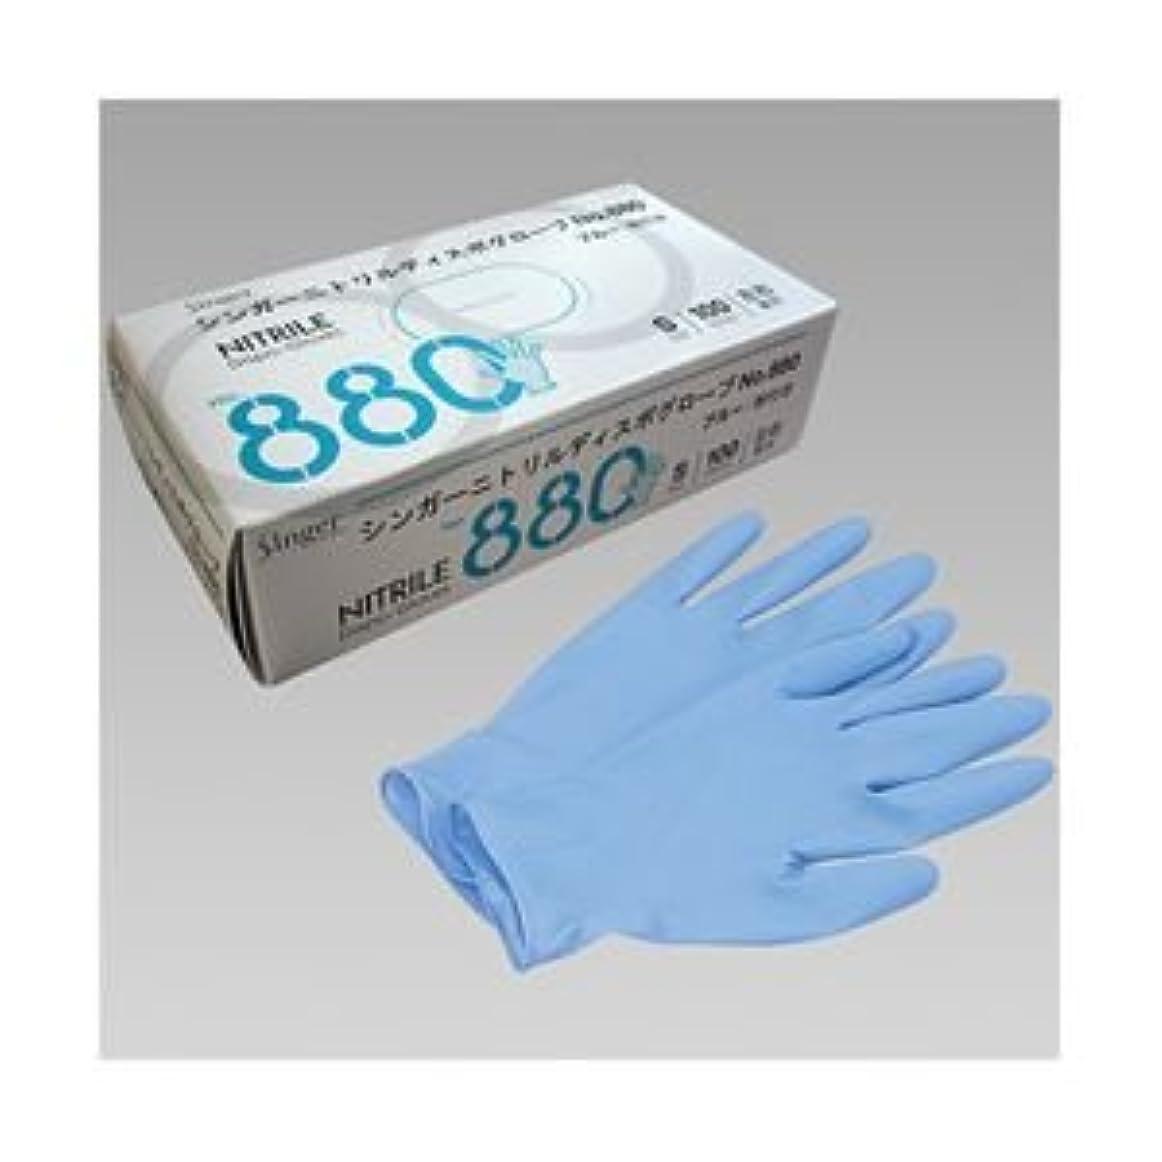 補正ふりをするファイアル宇都宮製作 ニトリル手袋 粉付き ブルー S 1箱(100枚) ×5セット